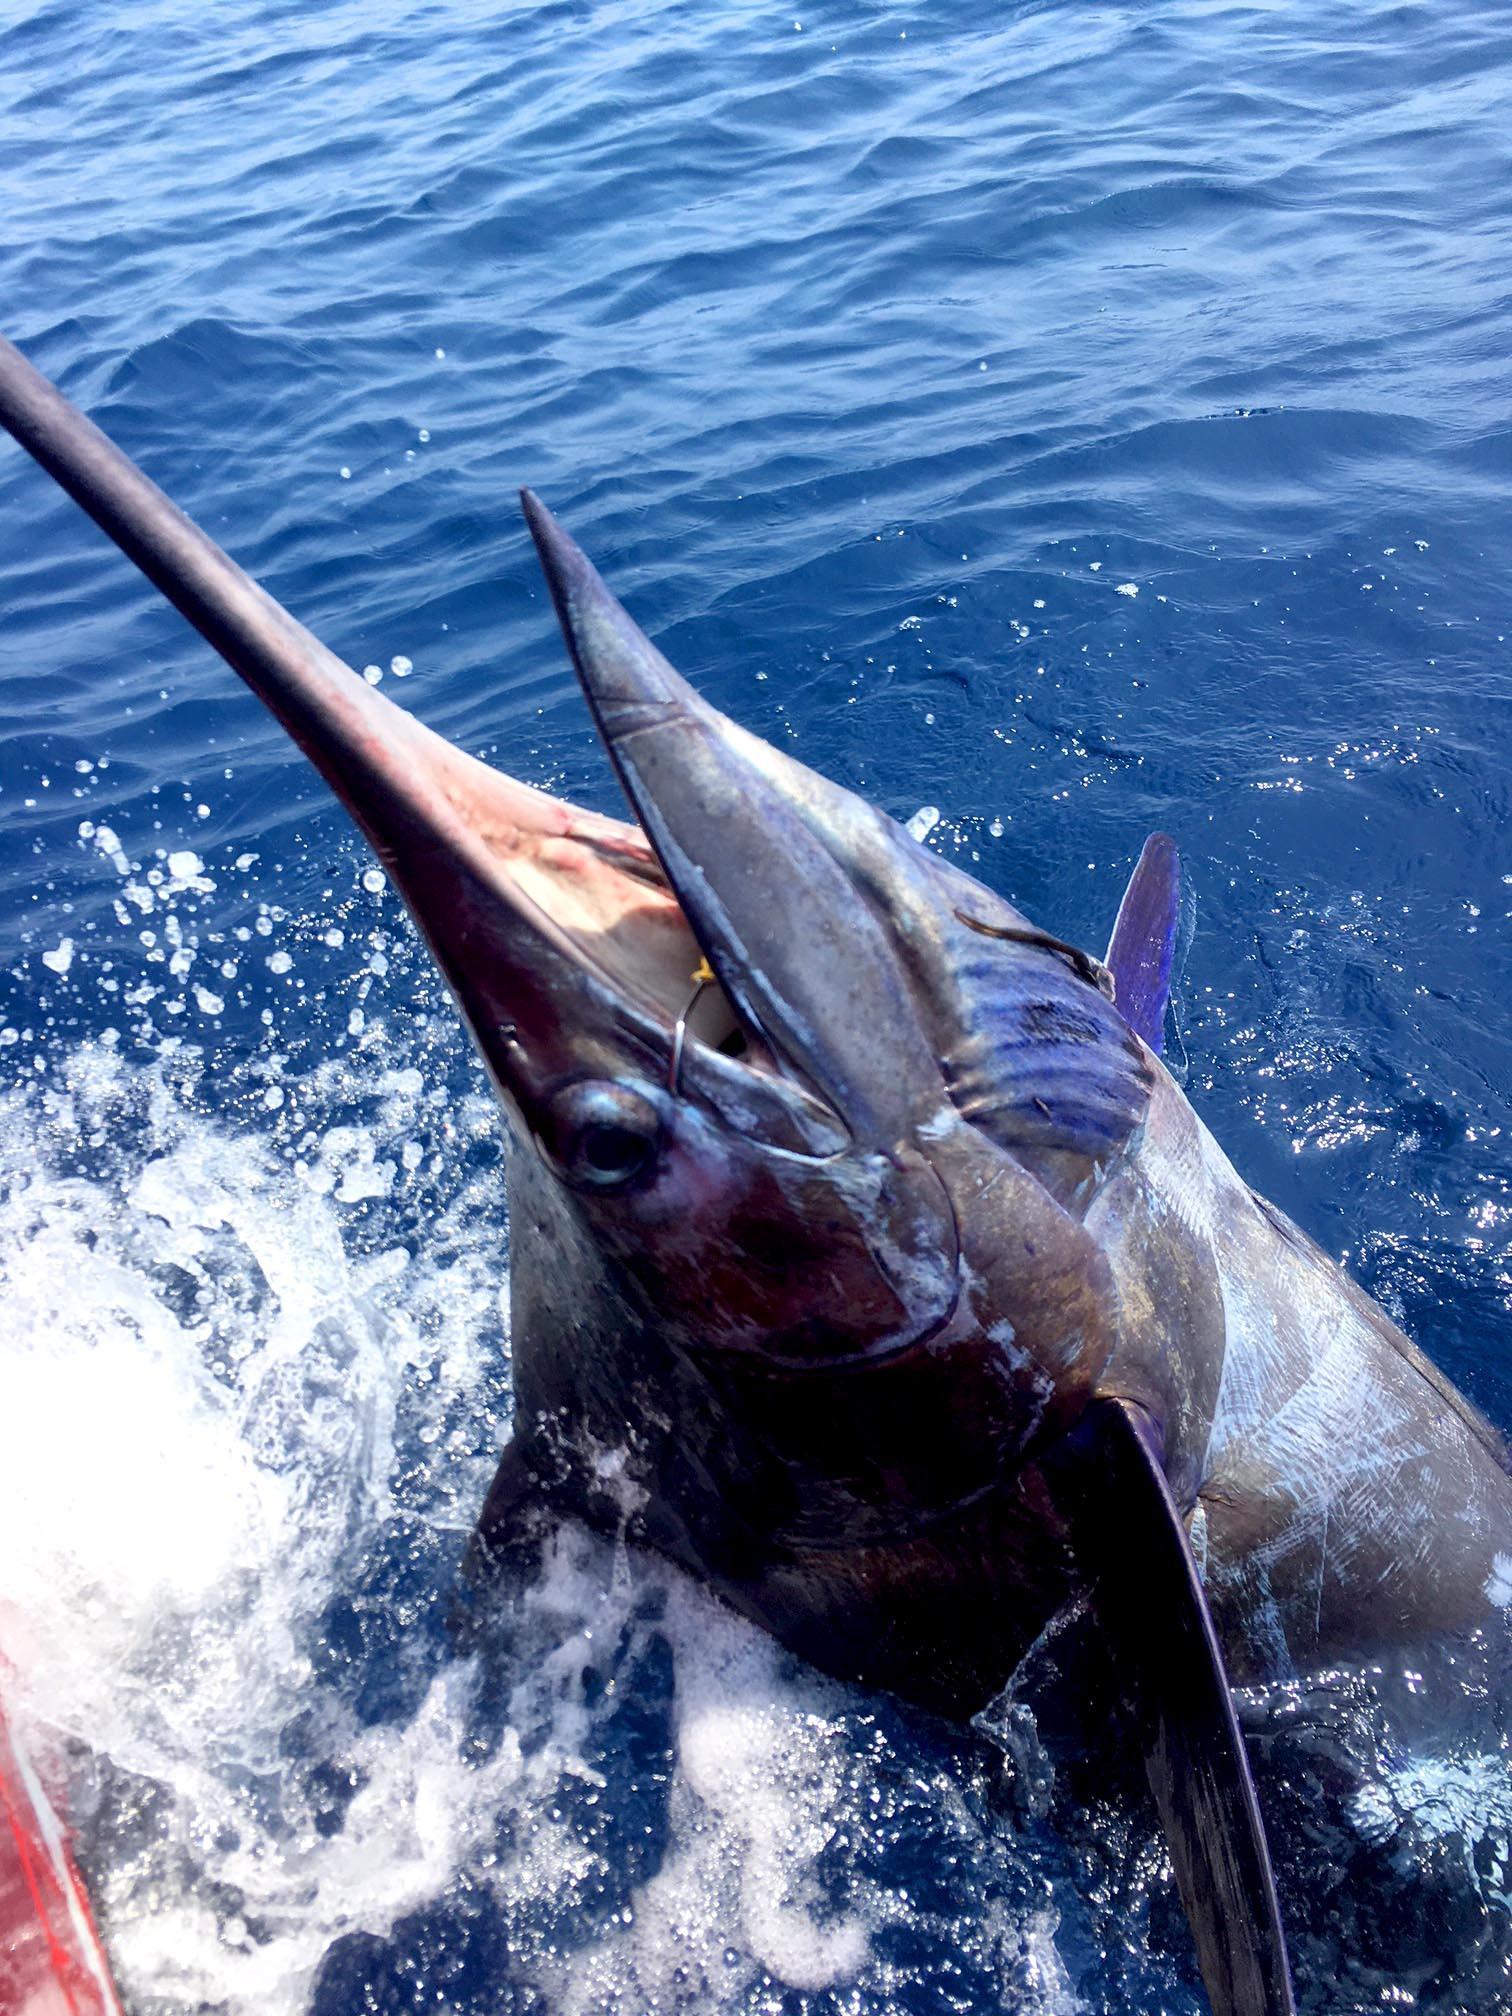 8月最初の土日は全国で釣れまくり3東日本編_f0009039_18410698.jpg